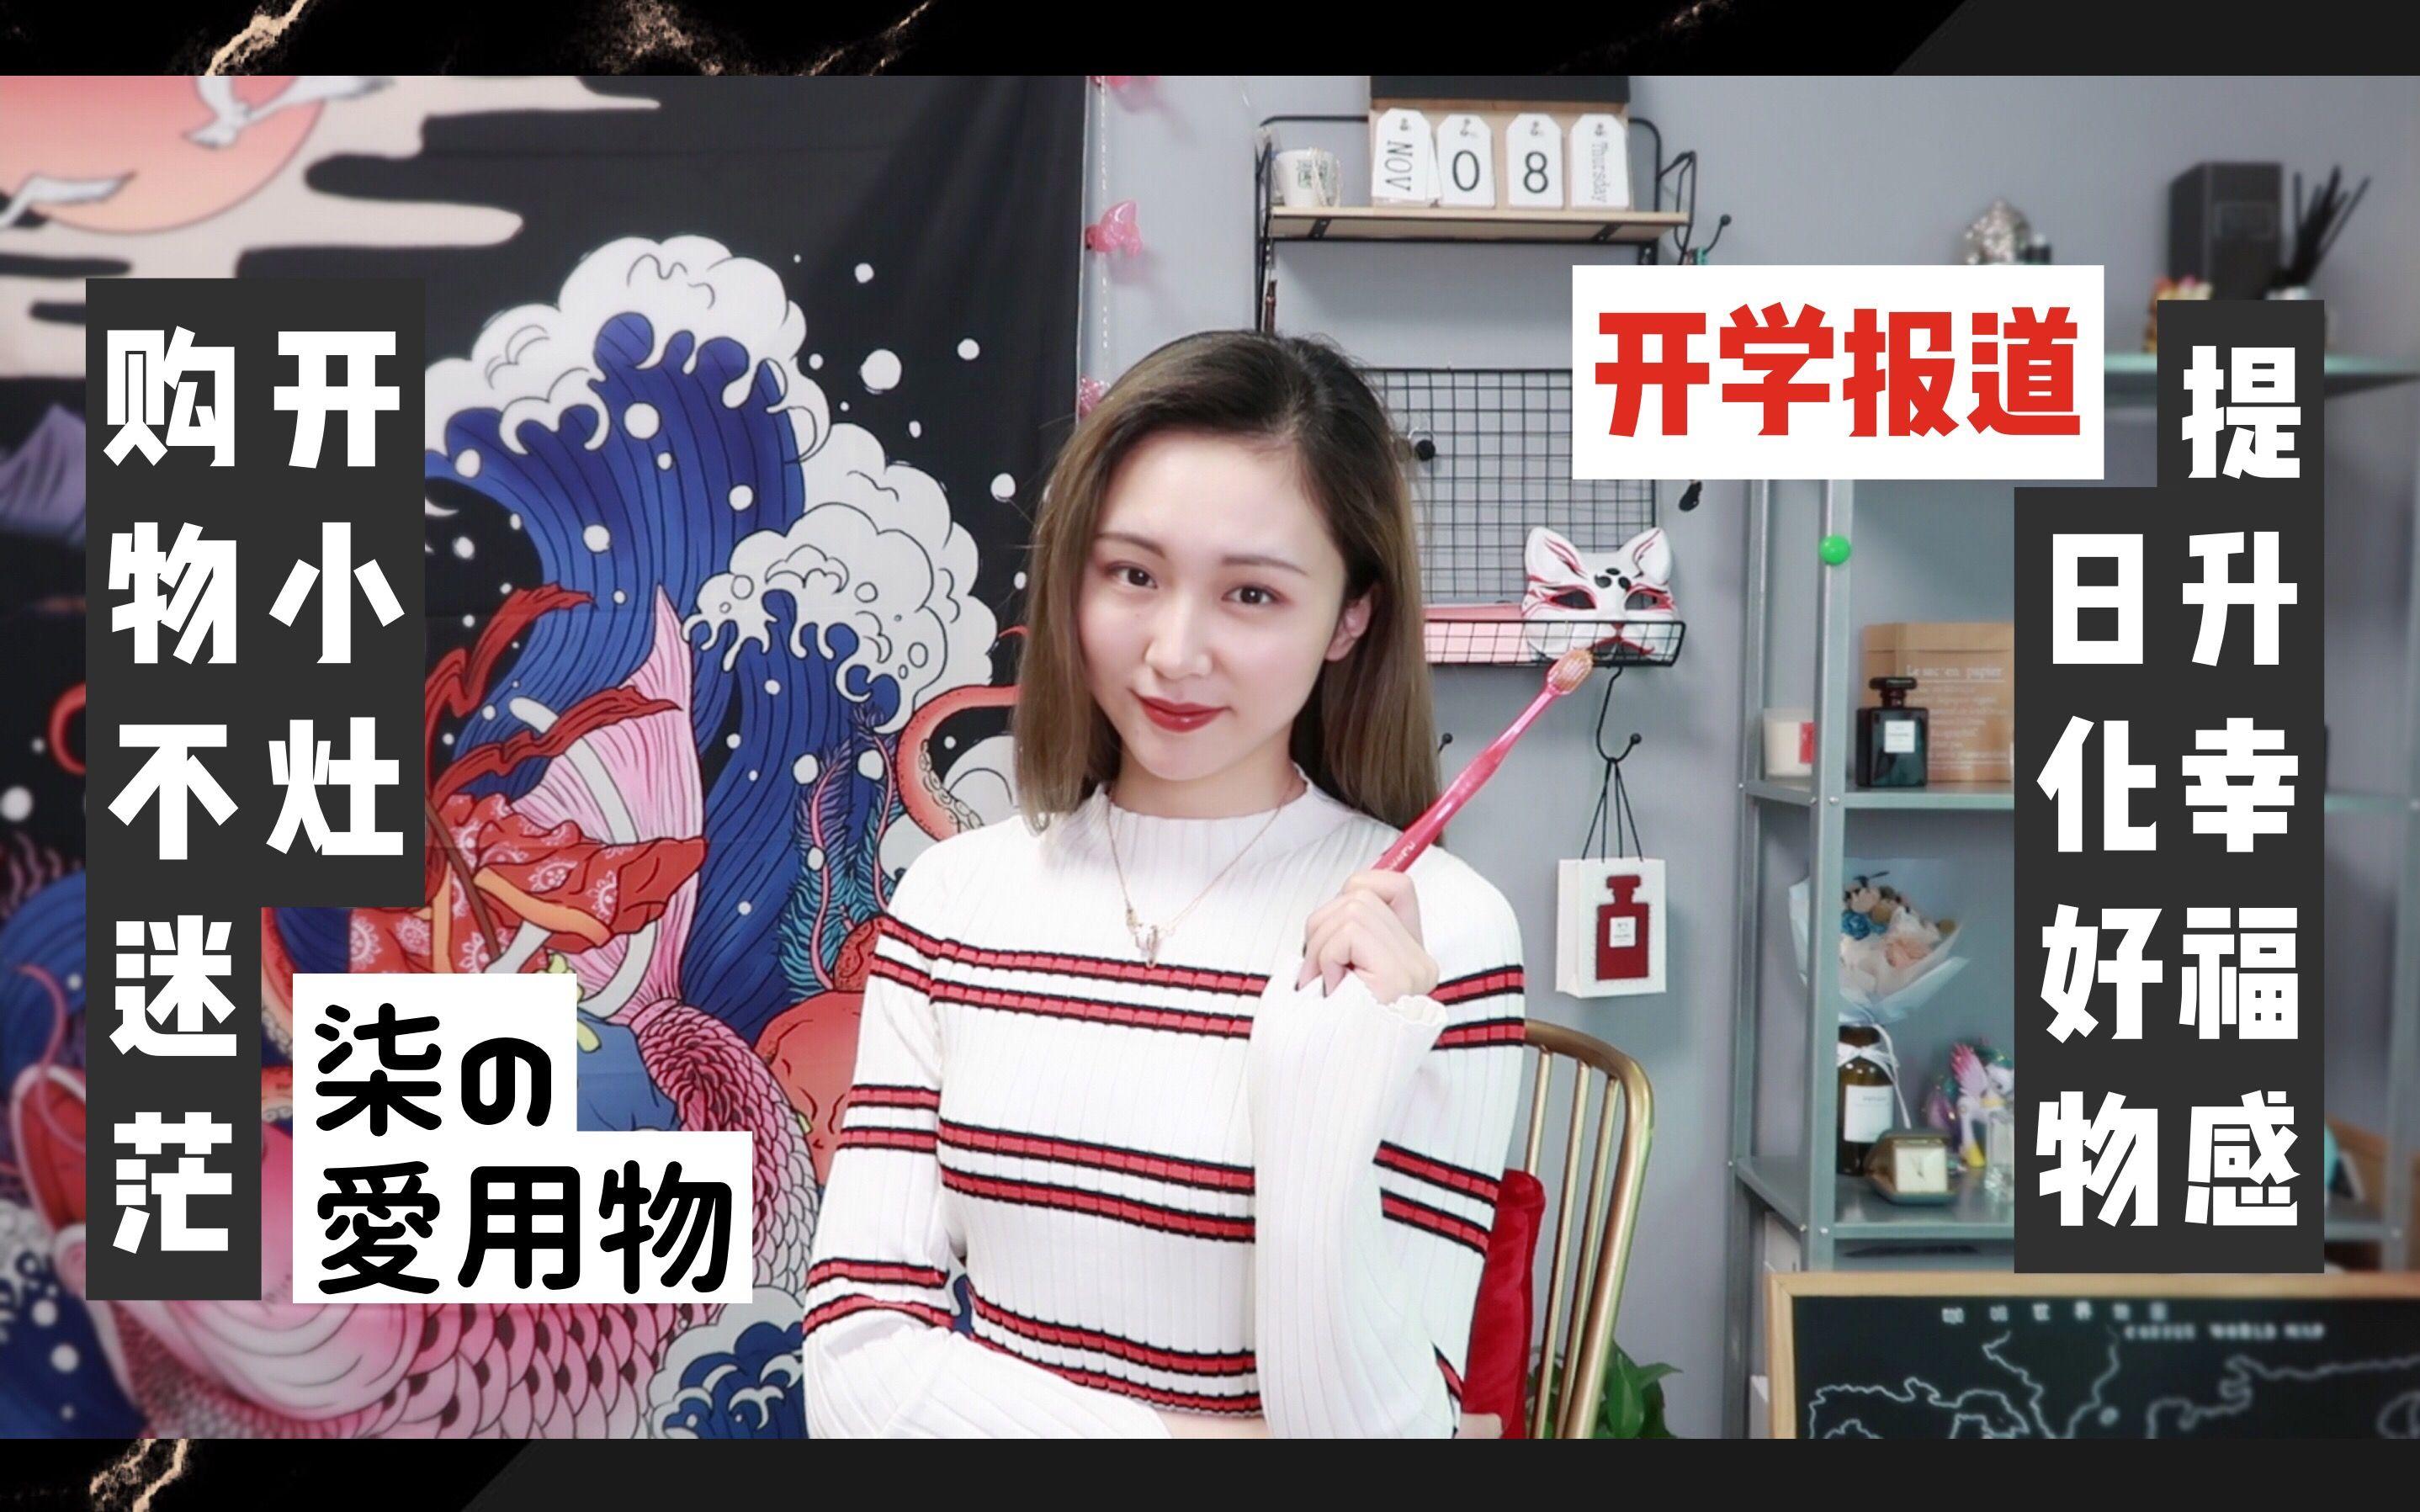 废柴兄弟电影_视频在线观看-爱奇艺搜索